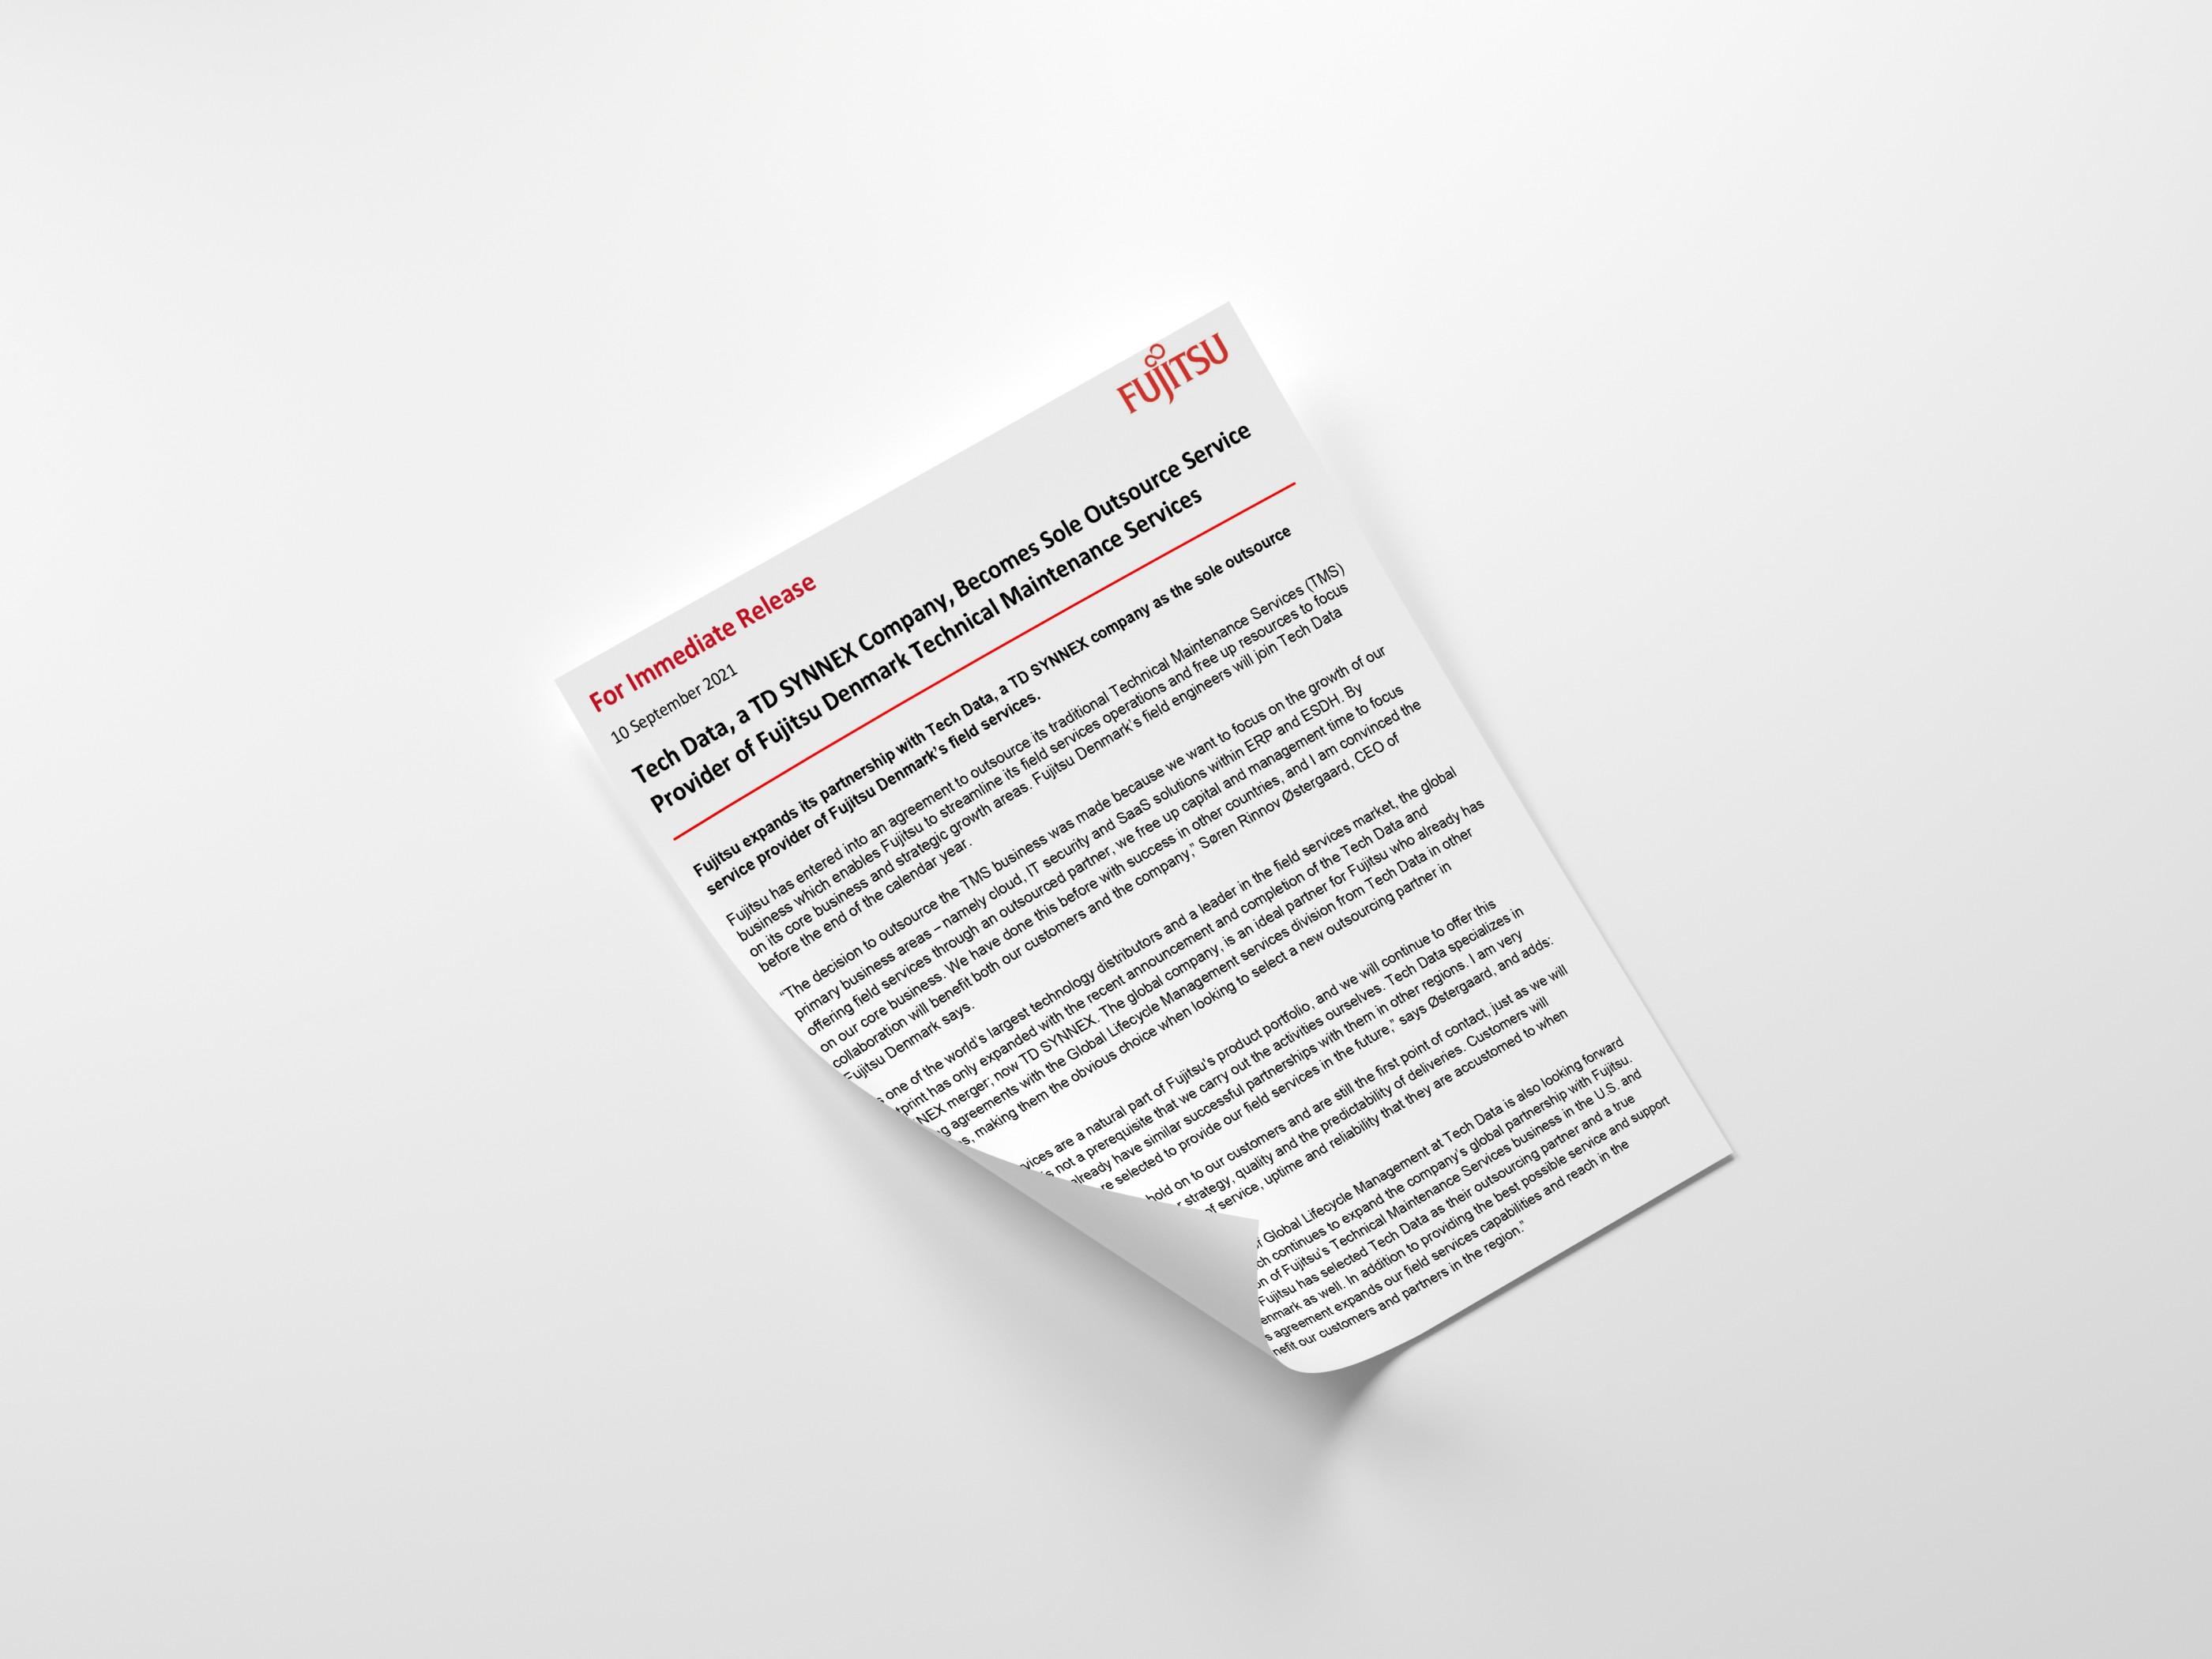 Fujitsu-Field Services-Press Release